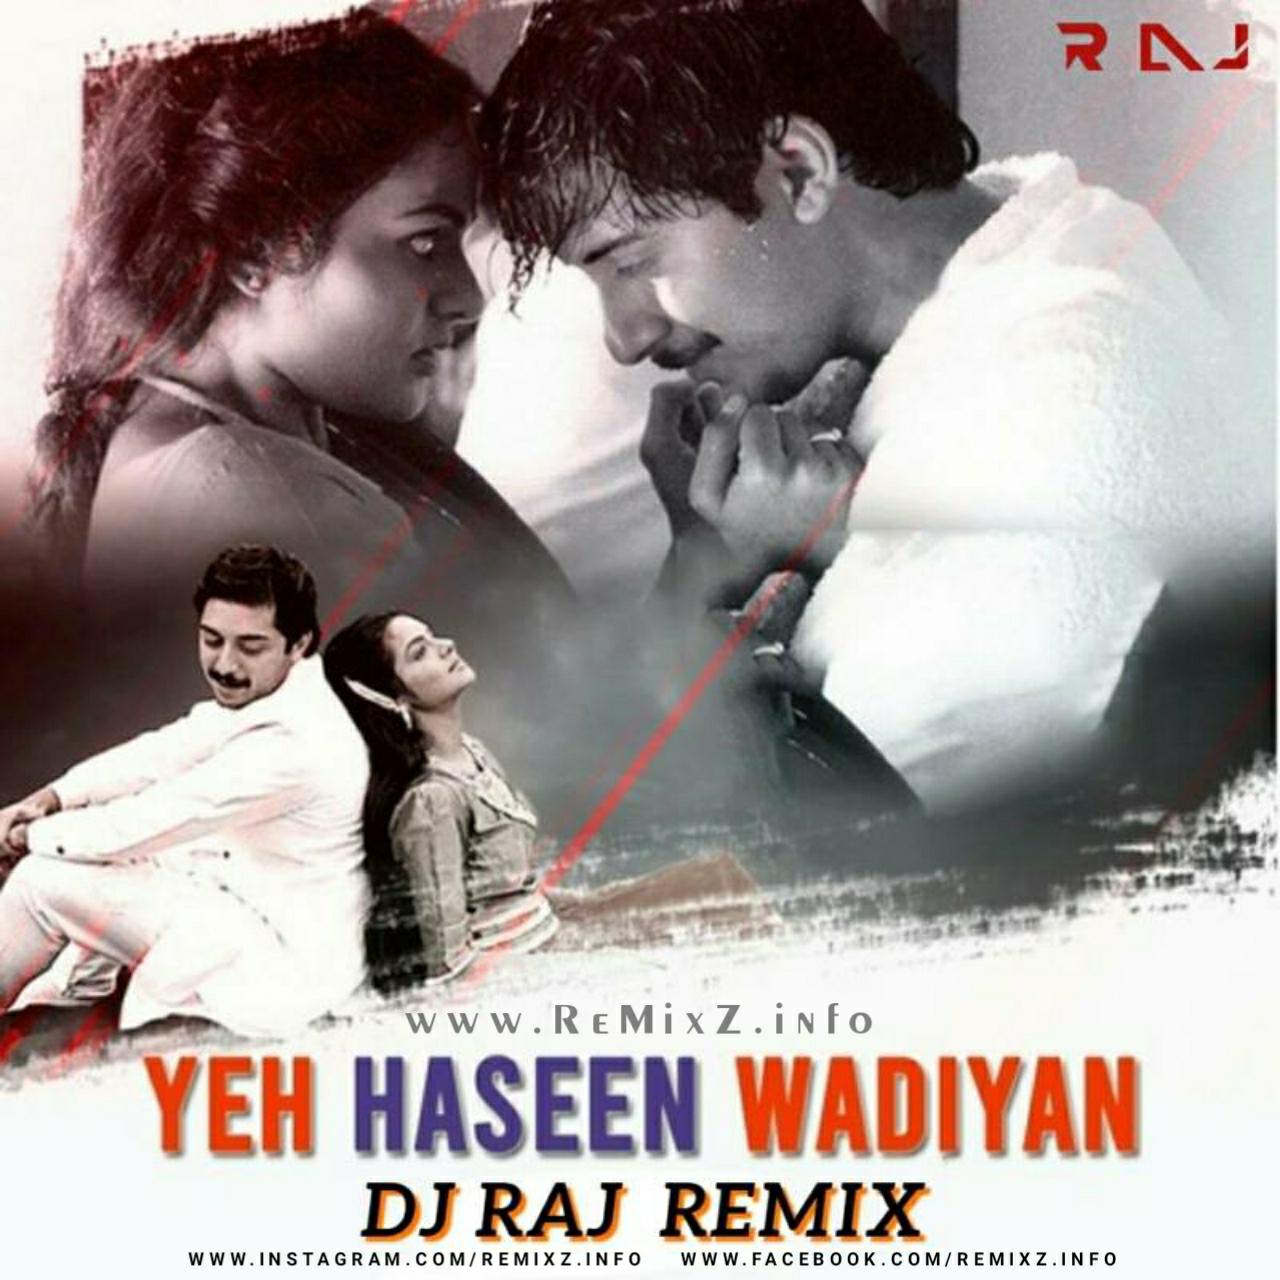 yeh-haseen-wadiyan-deep-house-mix-dj-raj.jpg